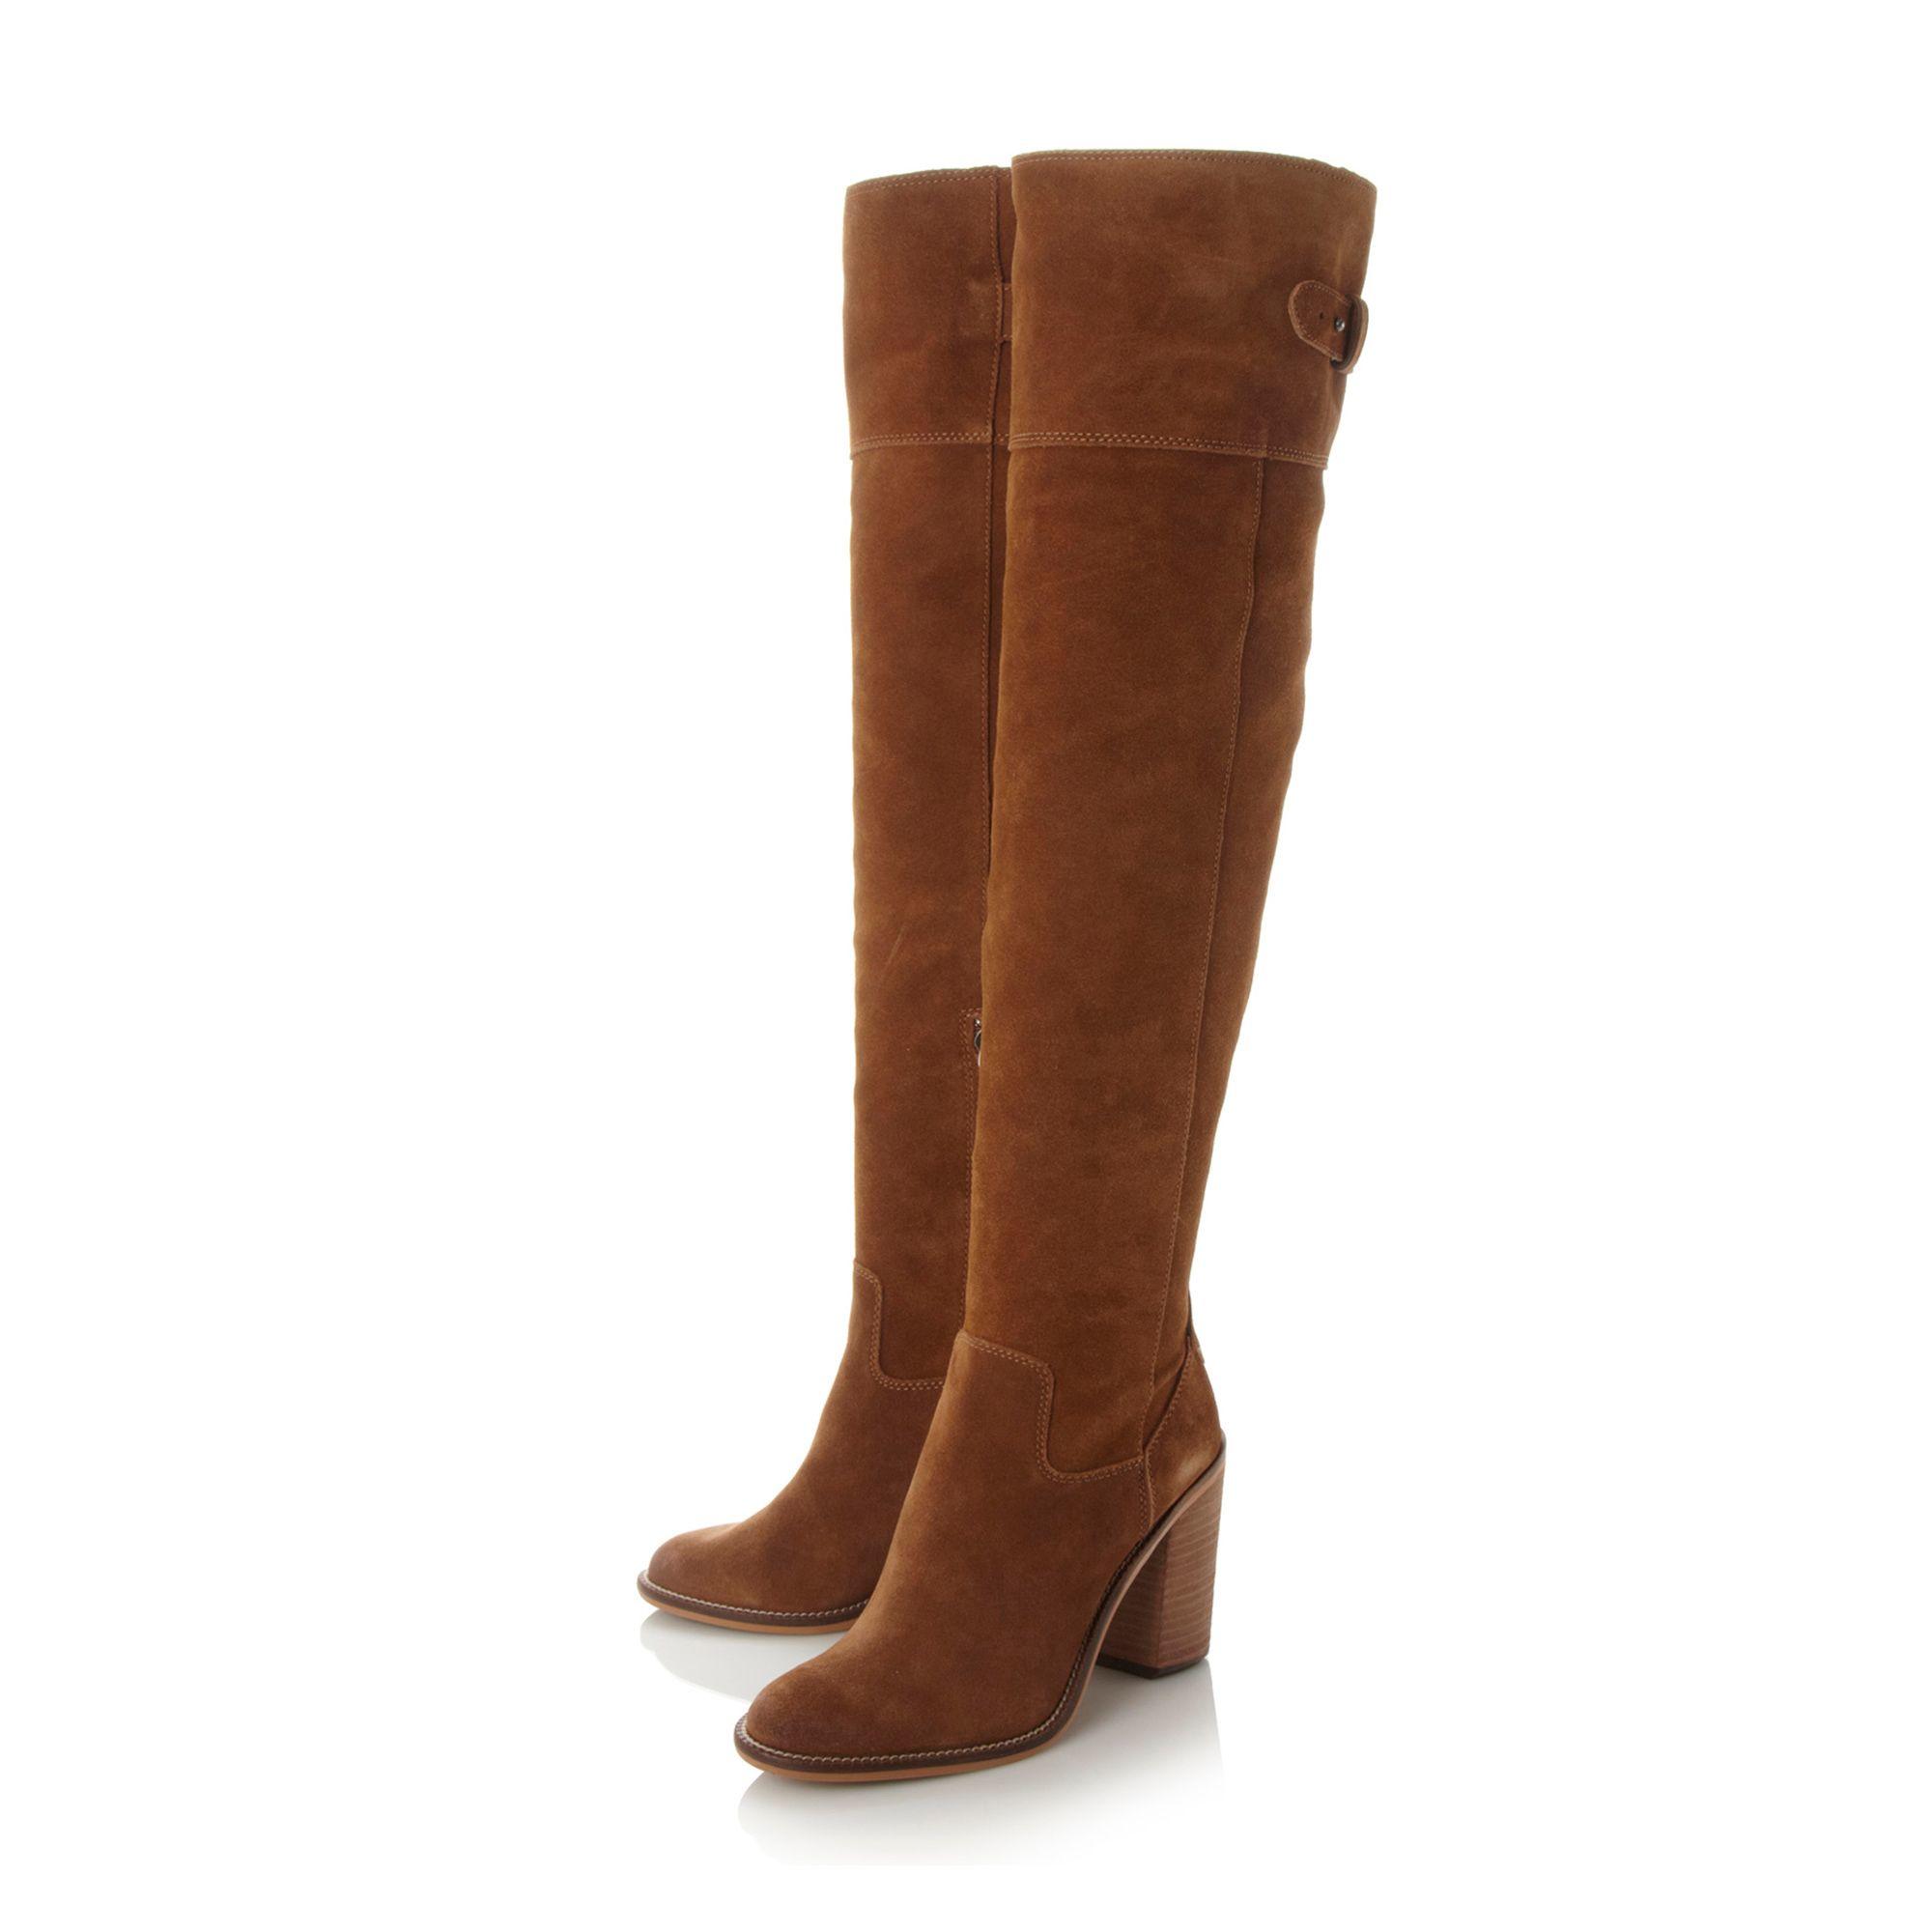 dolce vita okana knee high block heel boots in brown lyst